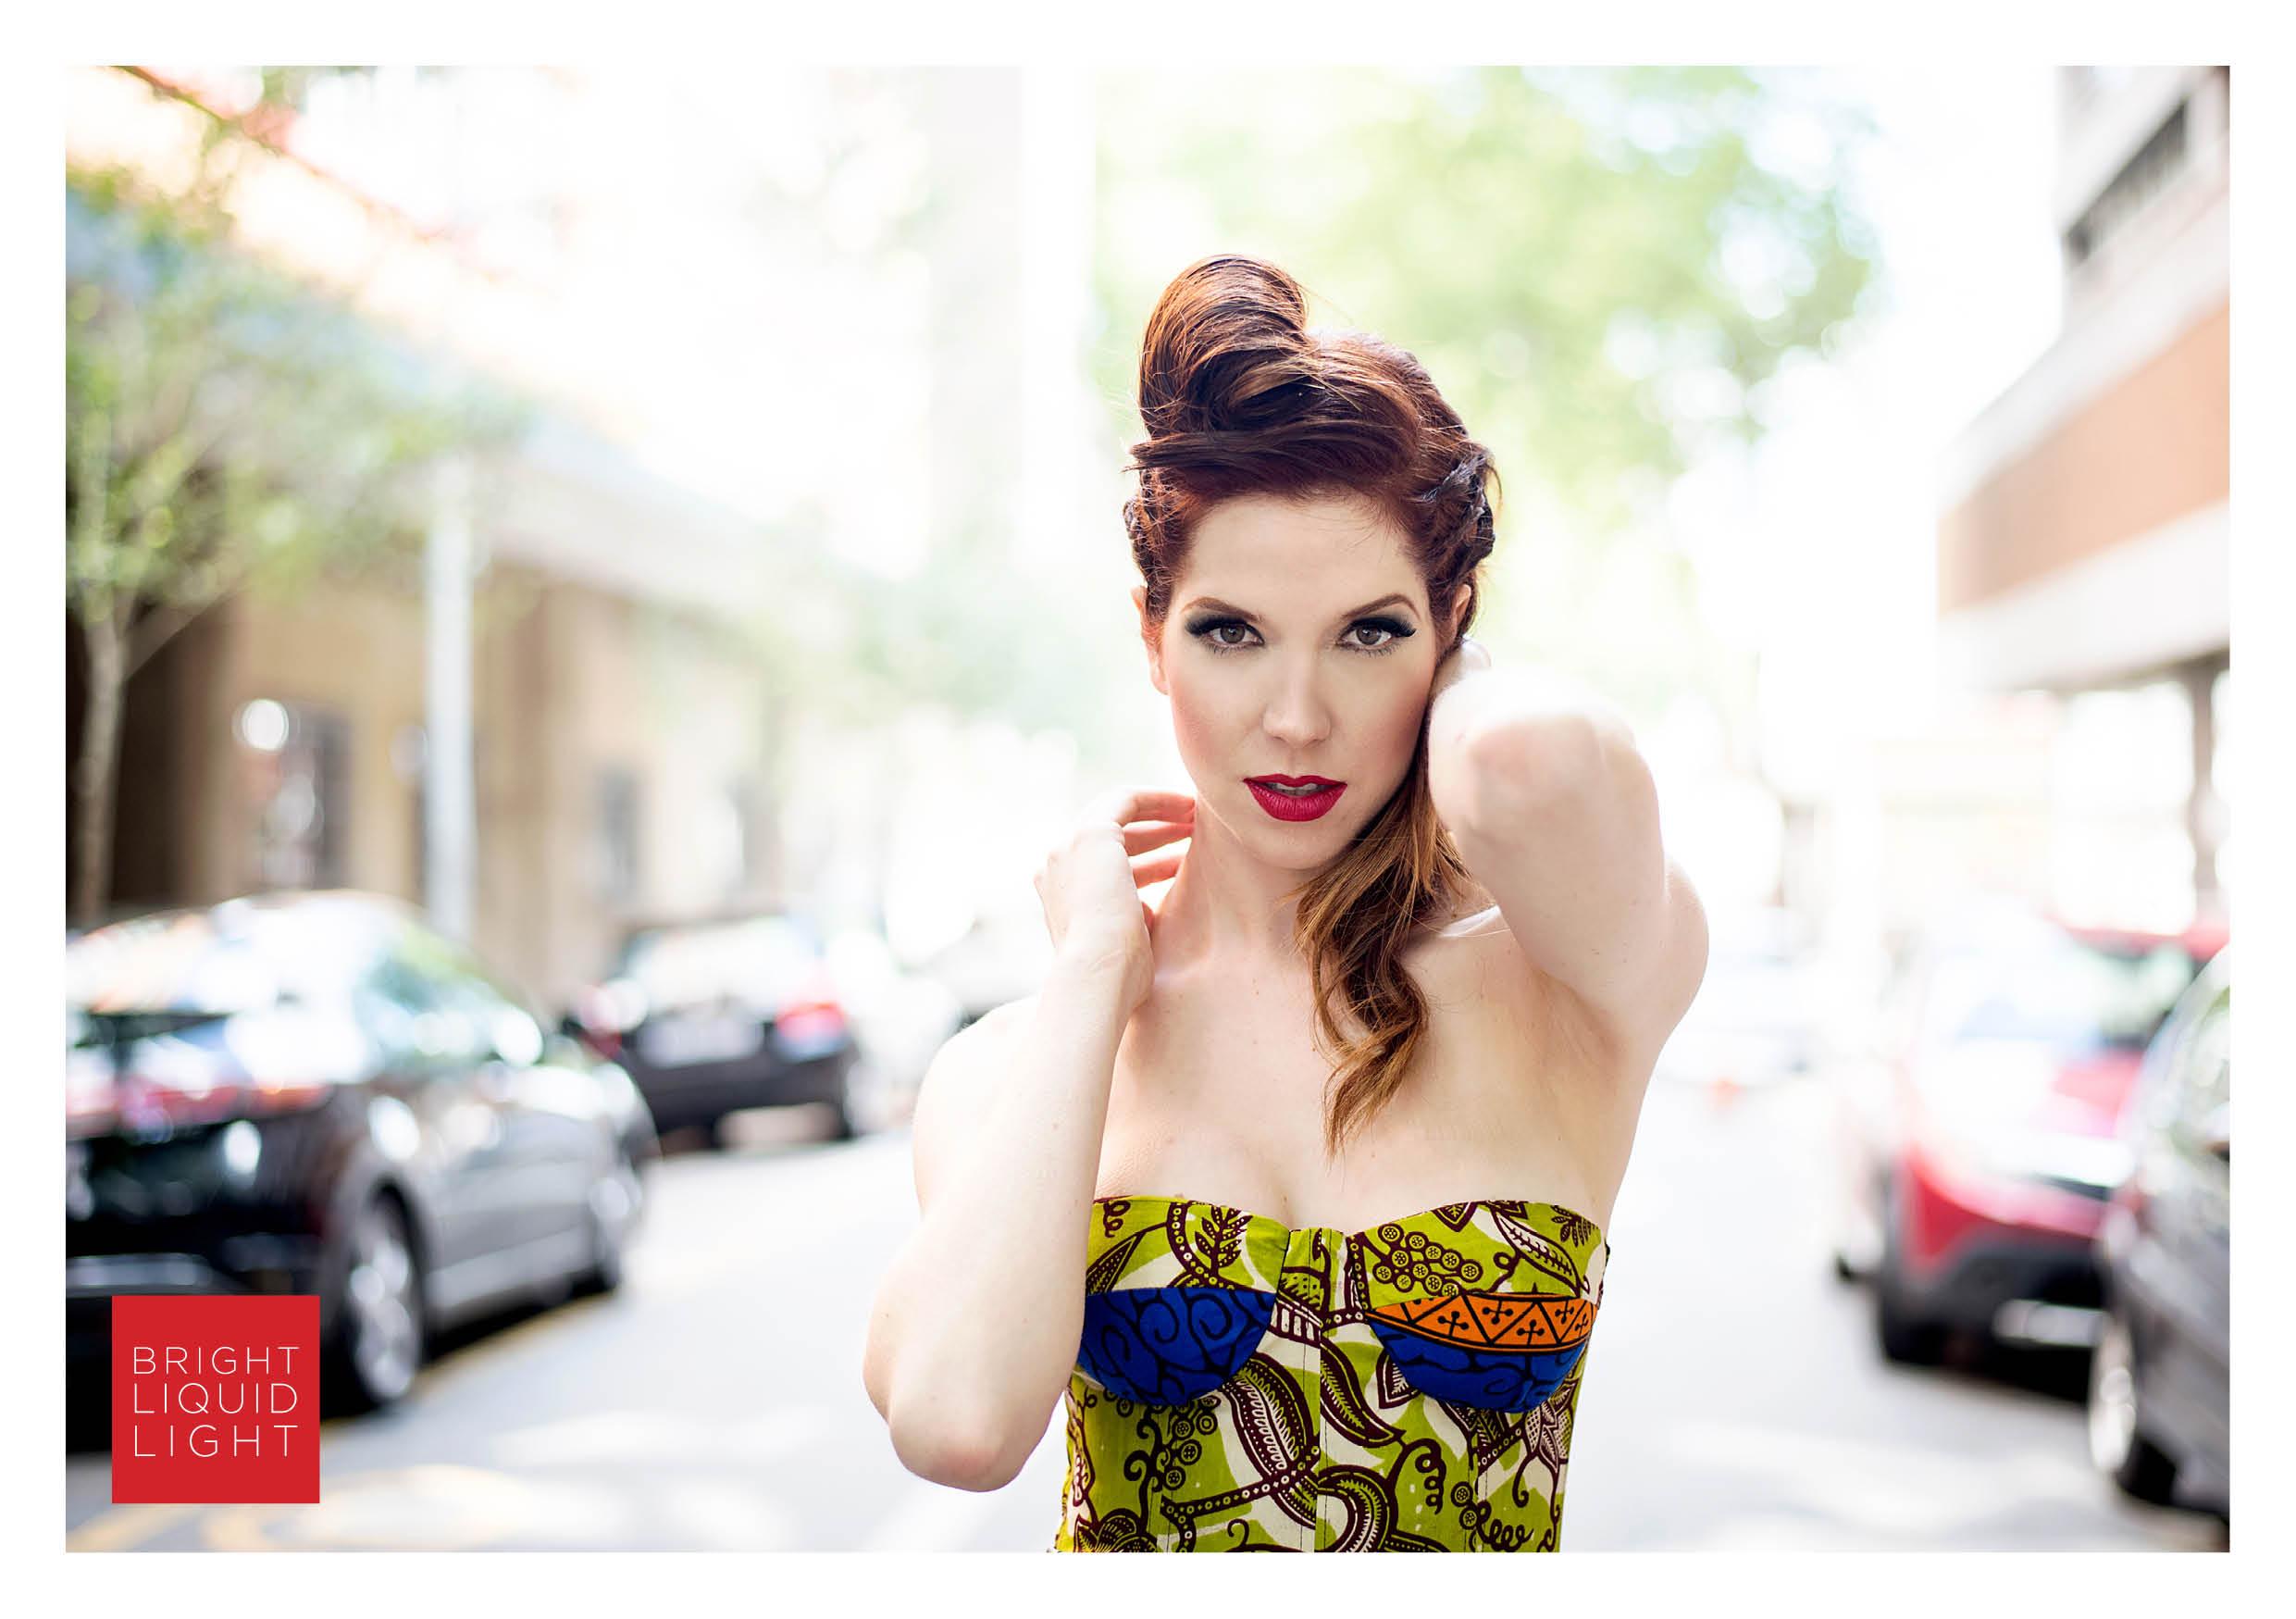 Amalia Uys amalia uys #amaliauys – the brightliquidblog.